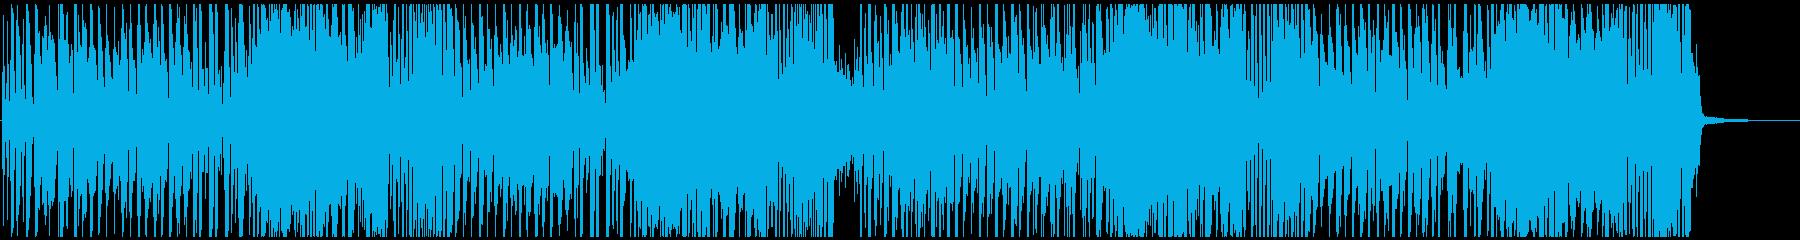 コミカル明るい楽しい ラテン系ノリノリの再生済みの波形